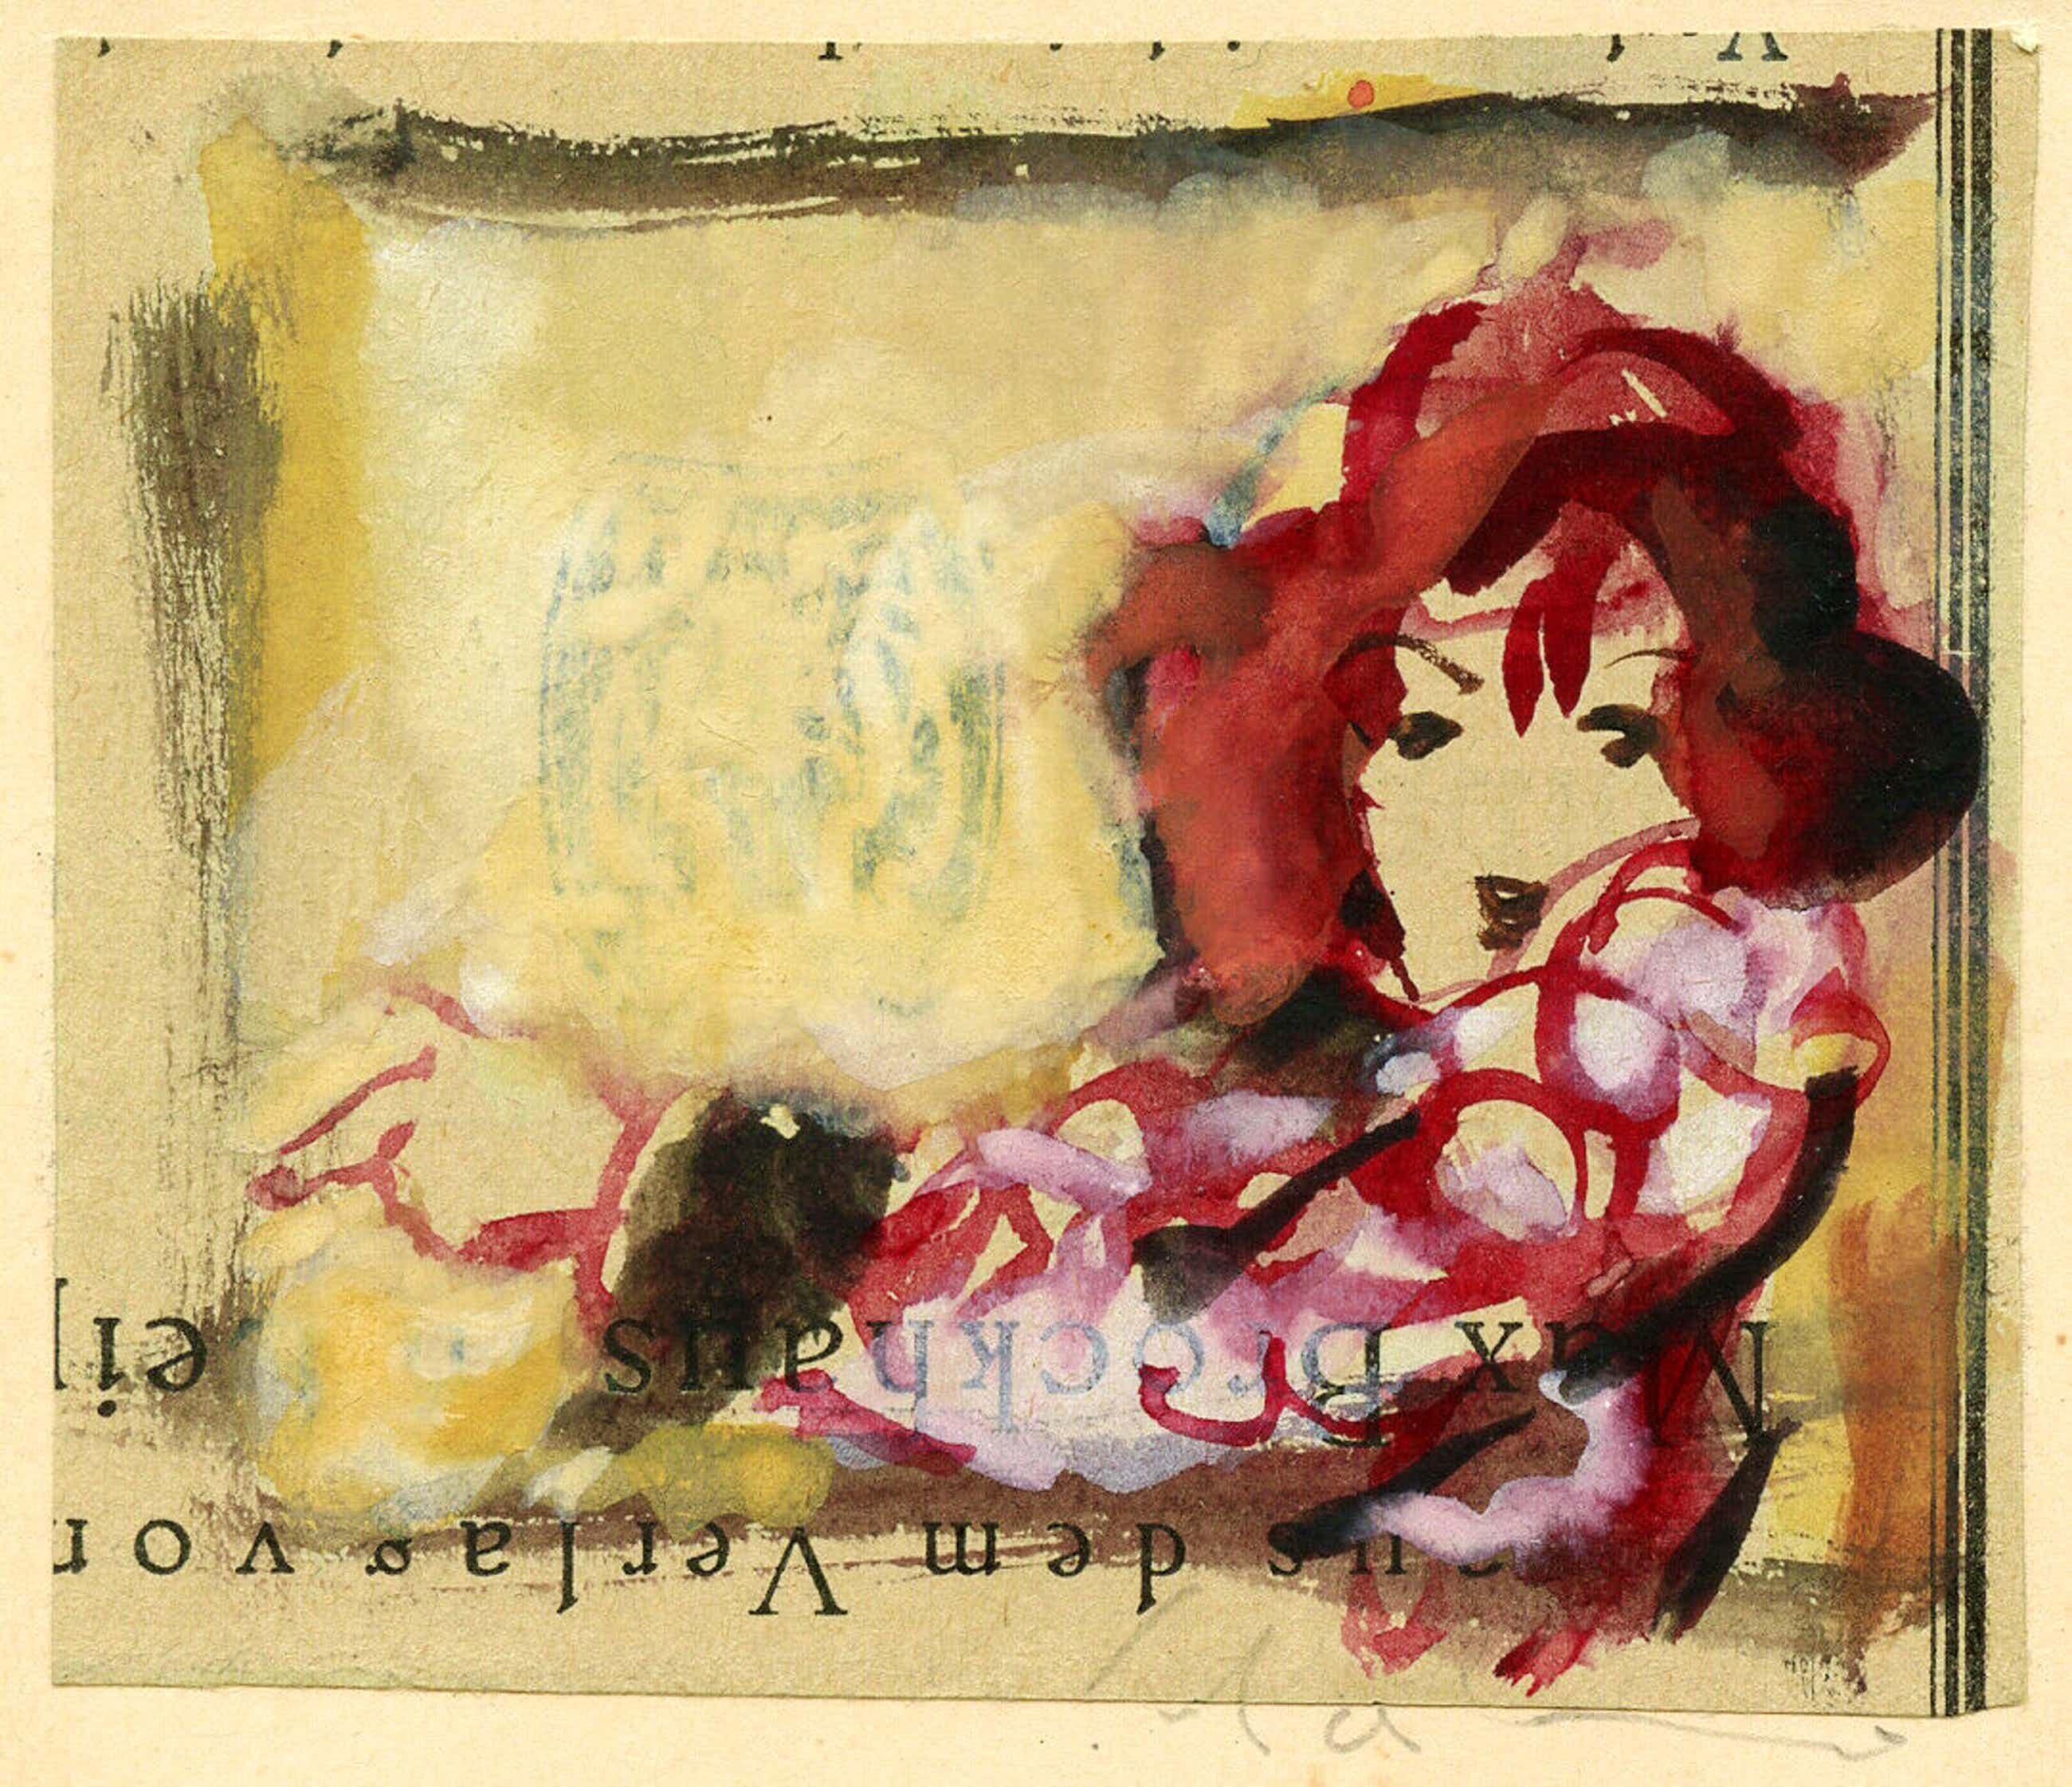 Max Schwimmer - Dame mit roten Haaren kopen? Bied vanaf 490!